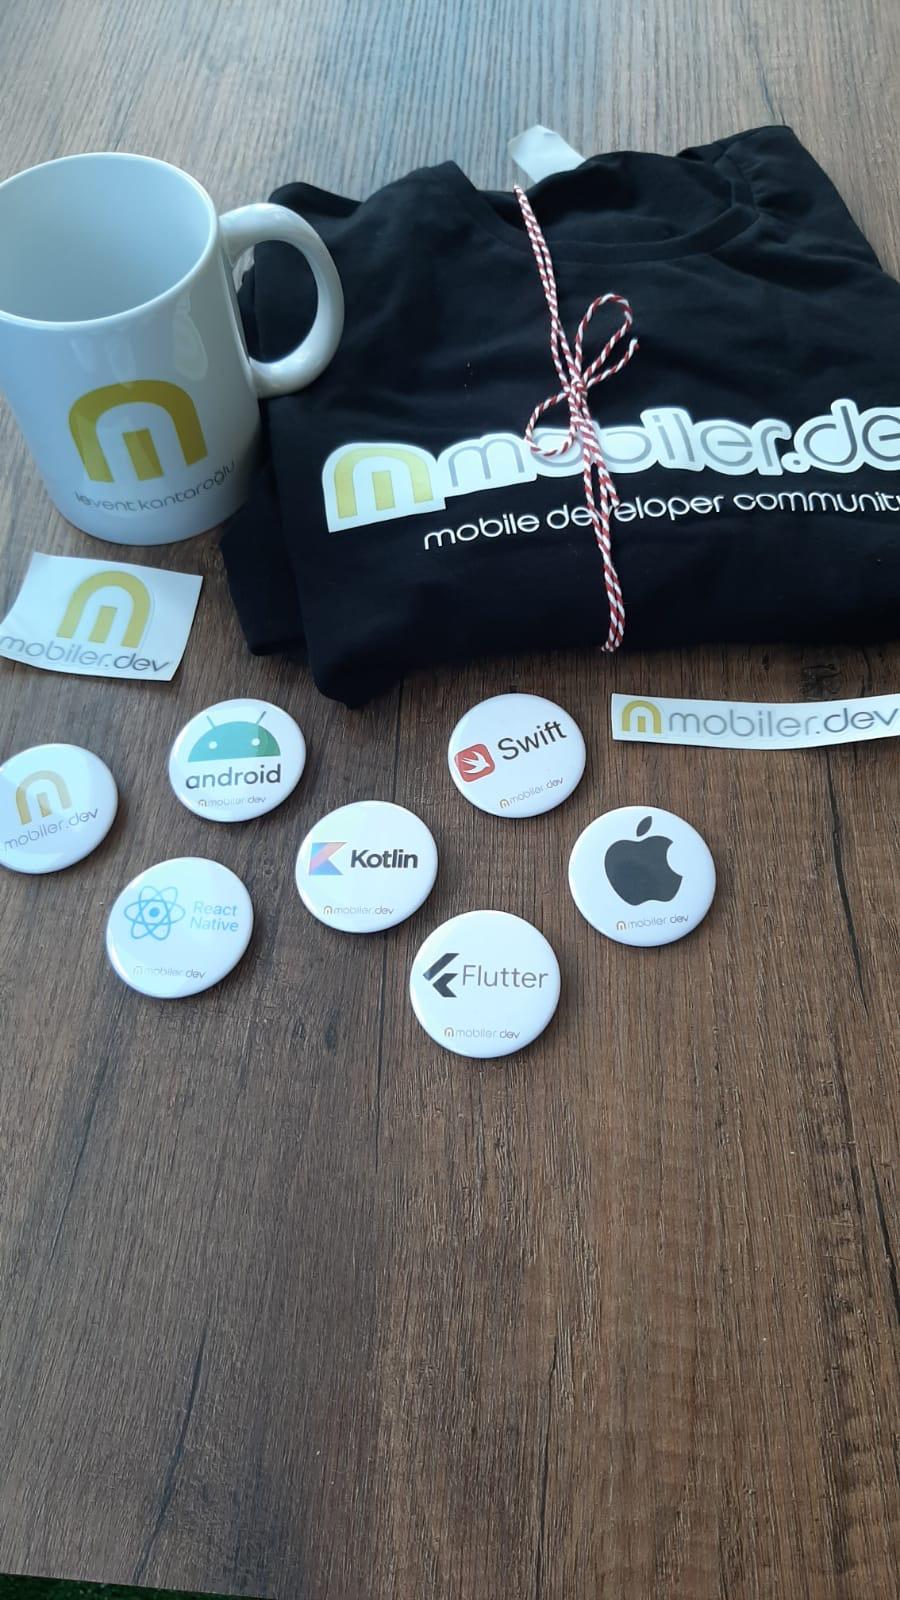 Mobiler.dev Developer Kit